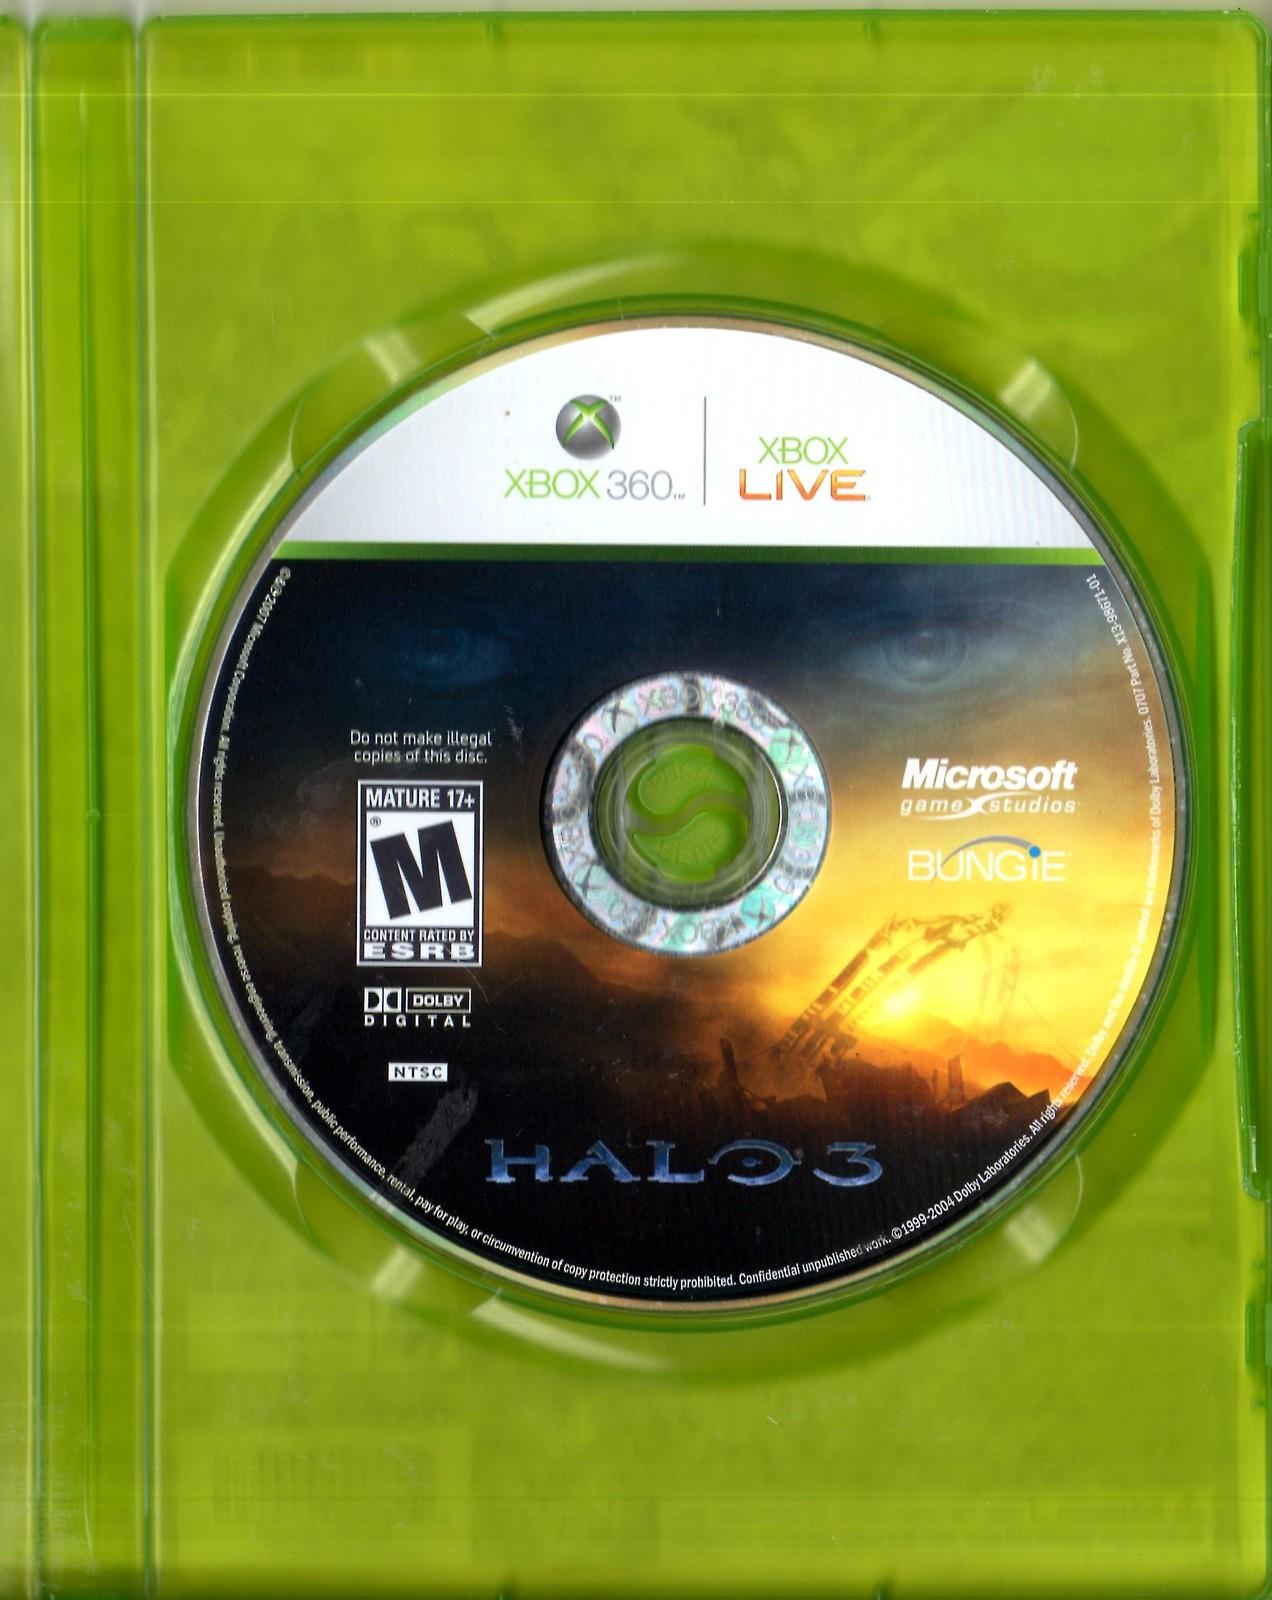 XBox 360 - Halo 3